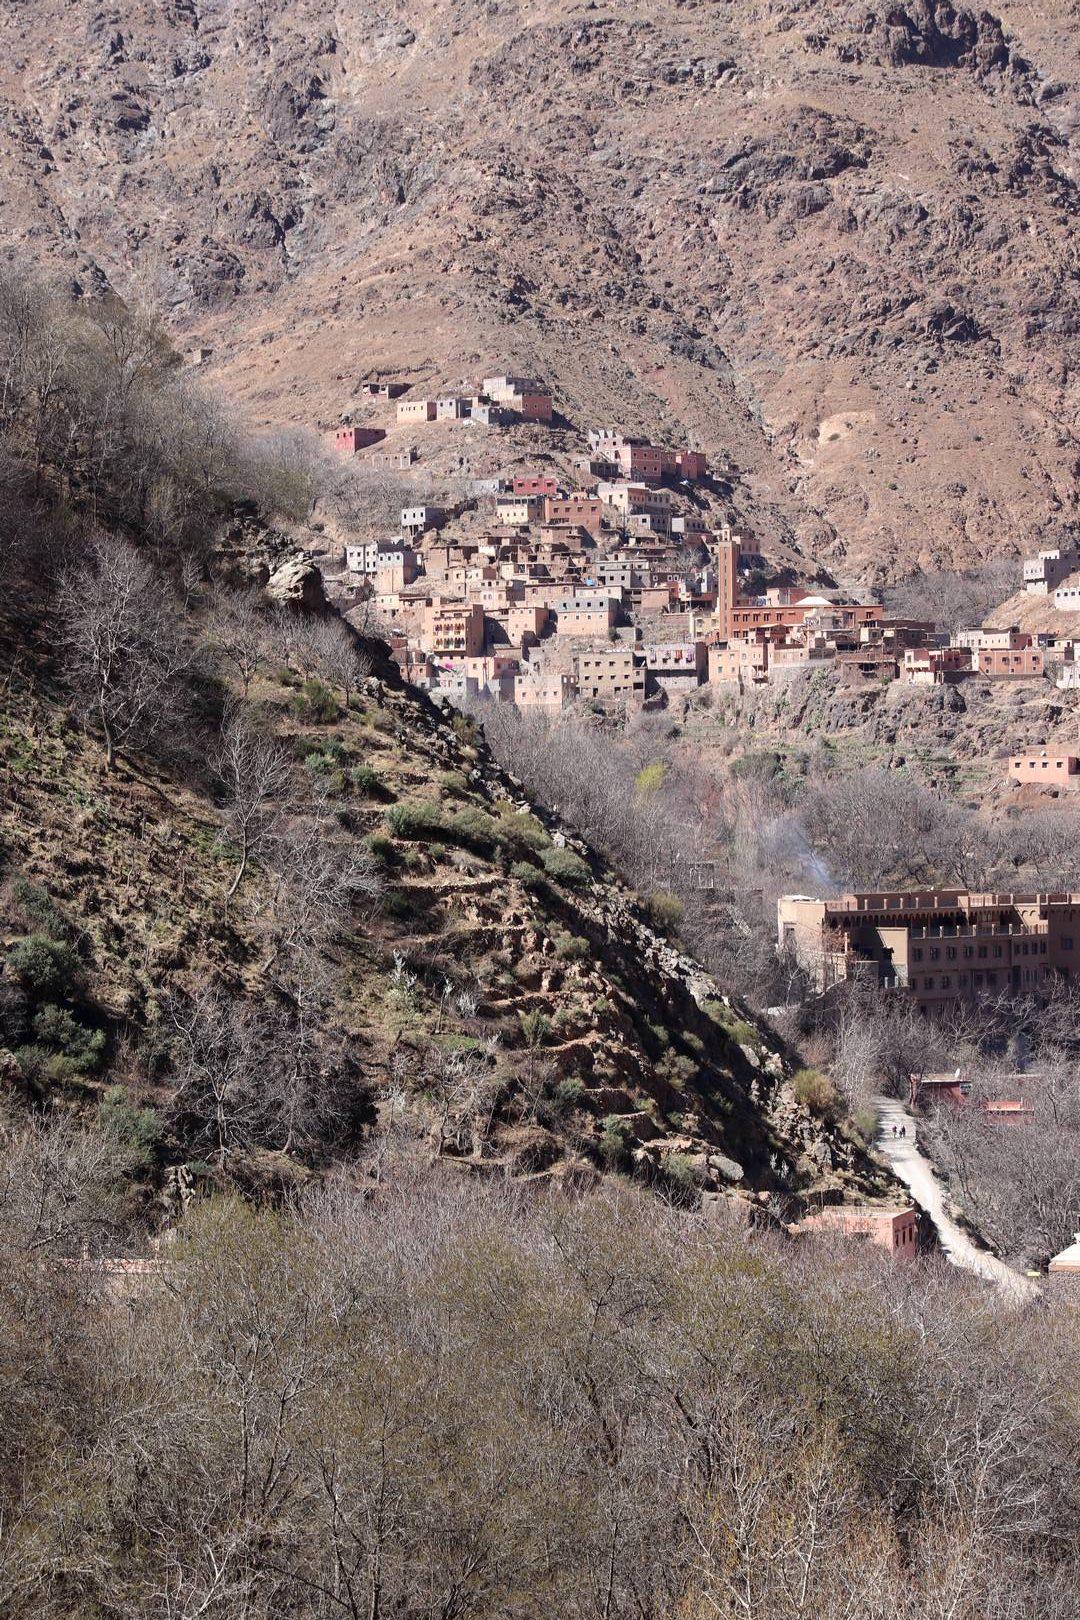 Maroc - Village et cultures en terrasses dans la vallée d'Imlil